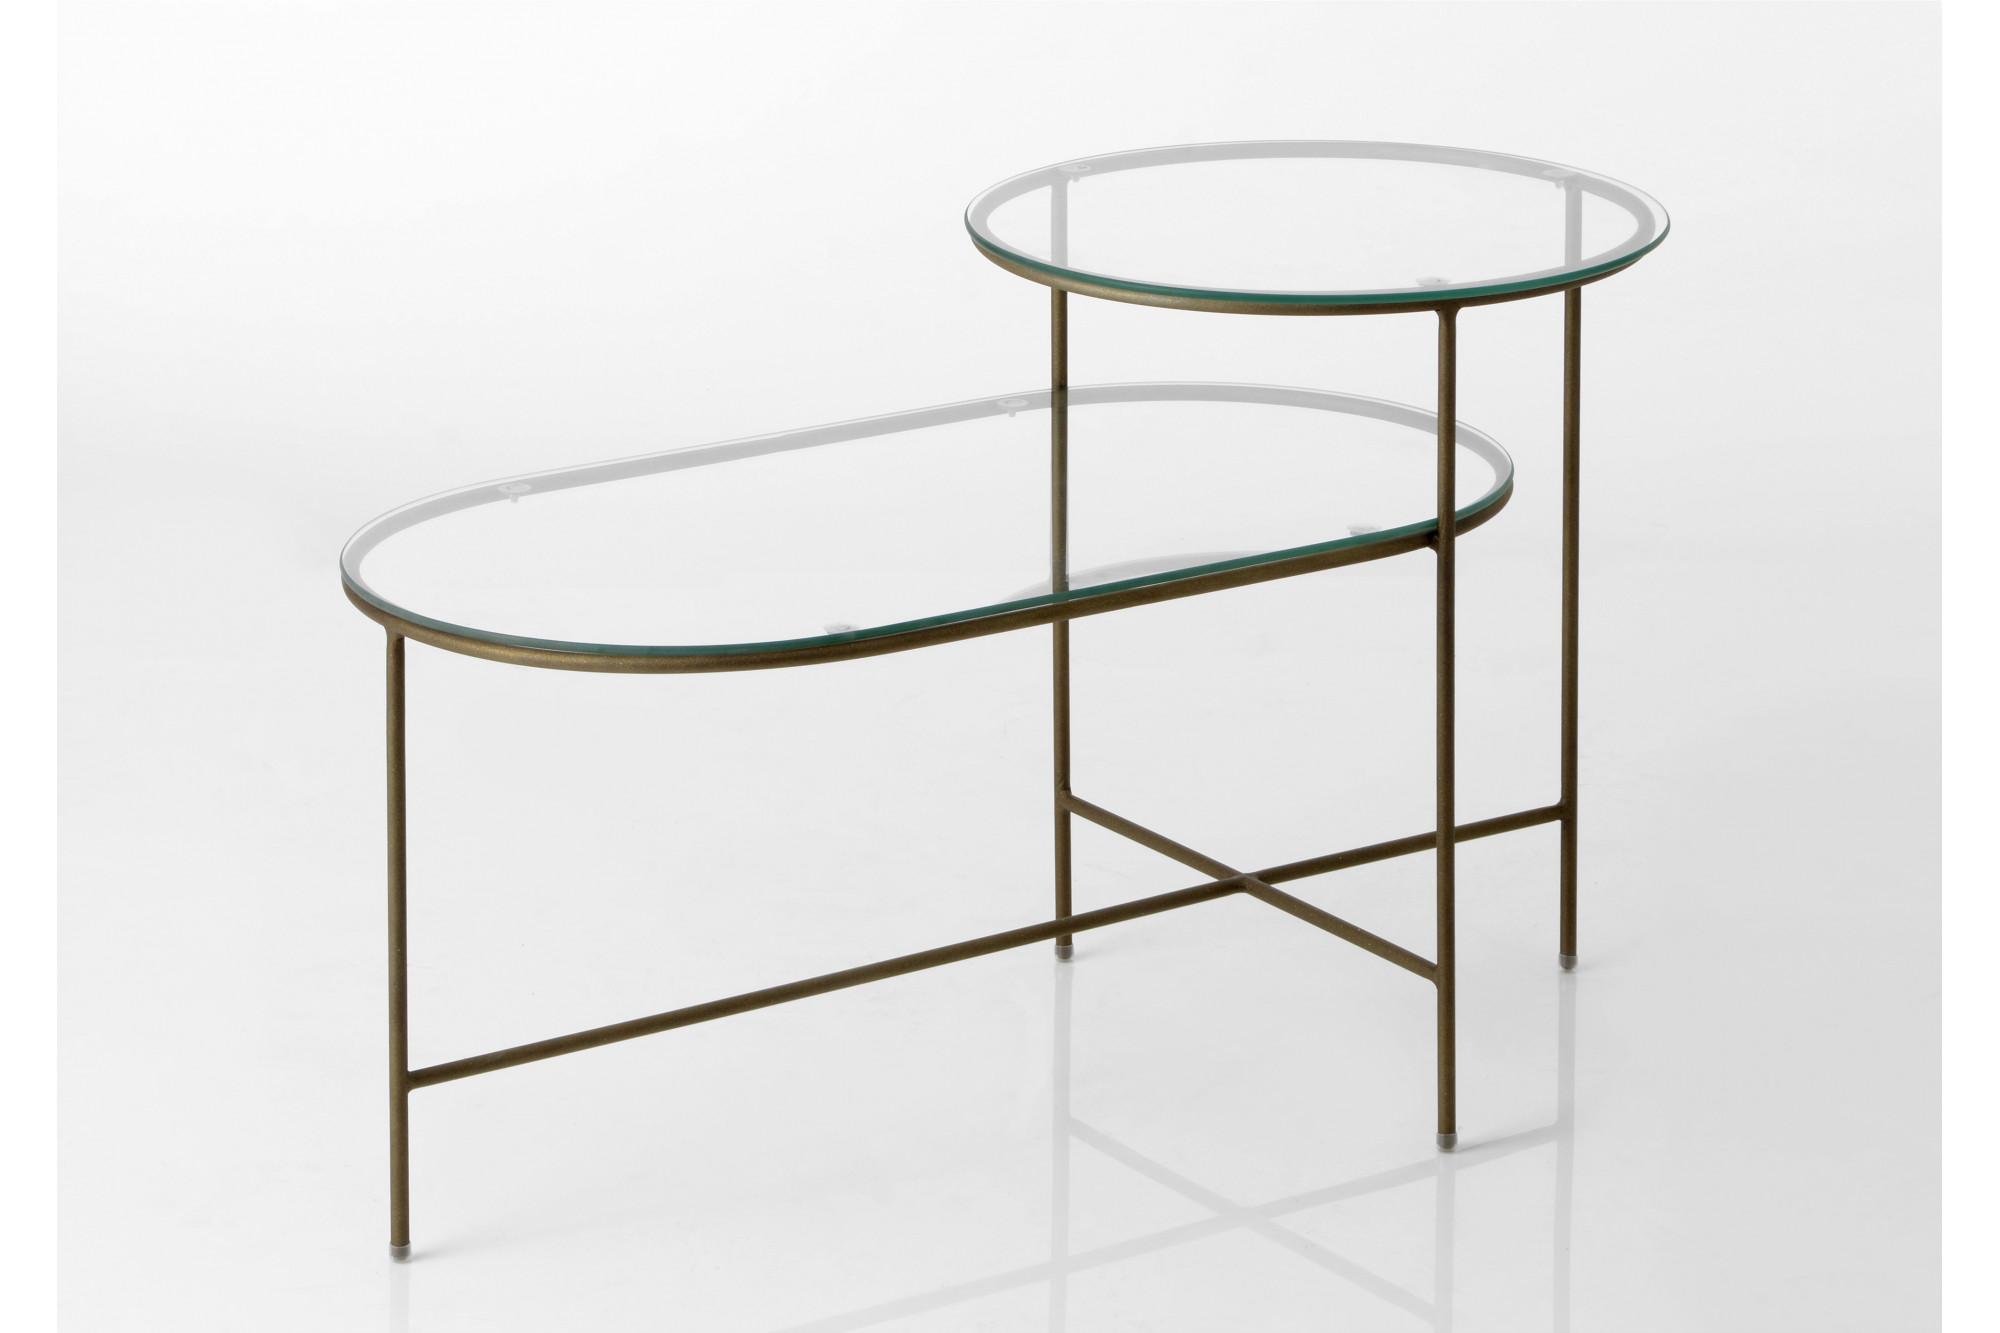 table basse design m tal et verre hellin. Black Bedroom Furniture Sets. Home Design Ideas